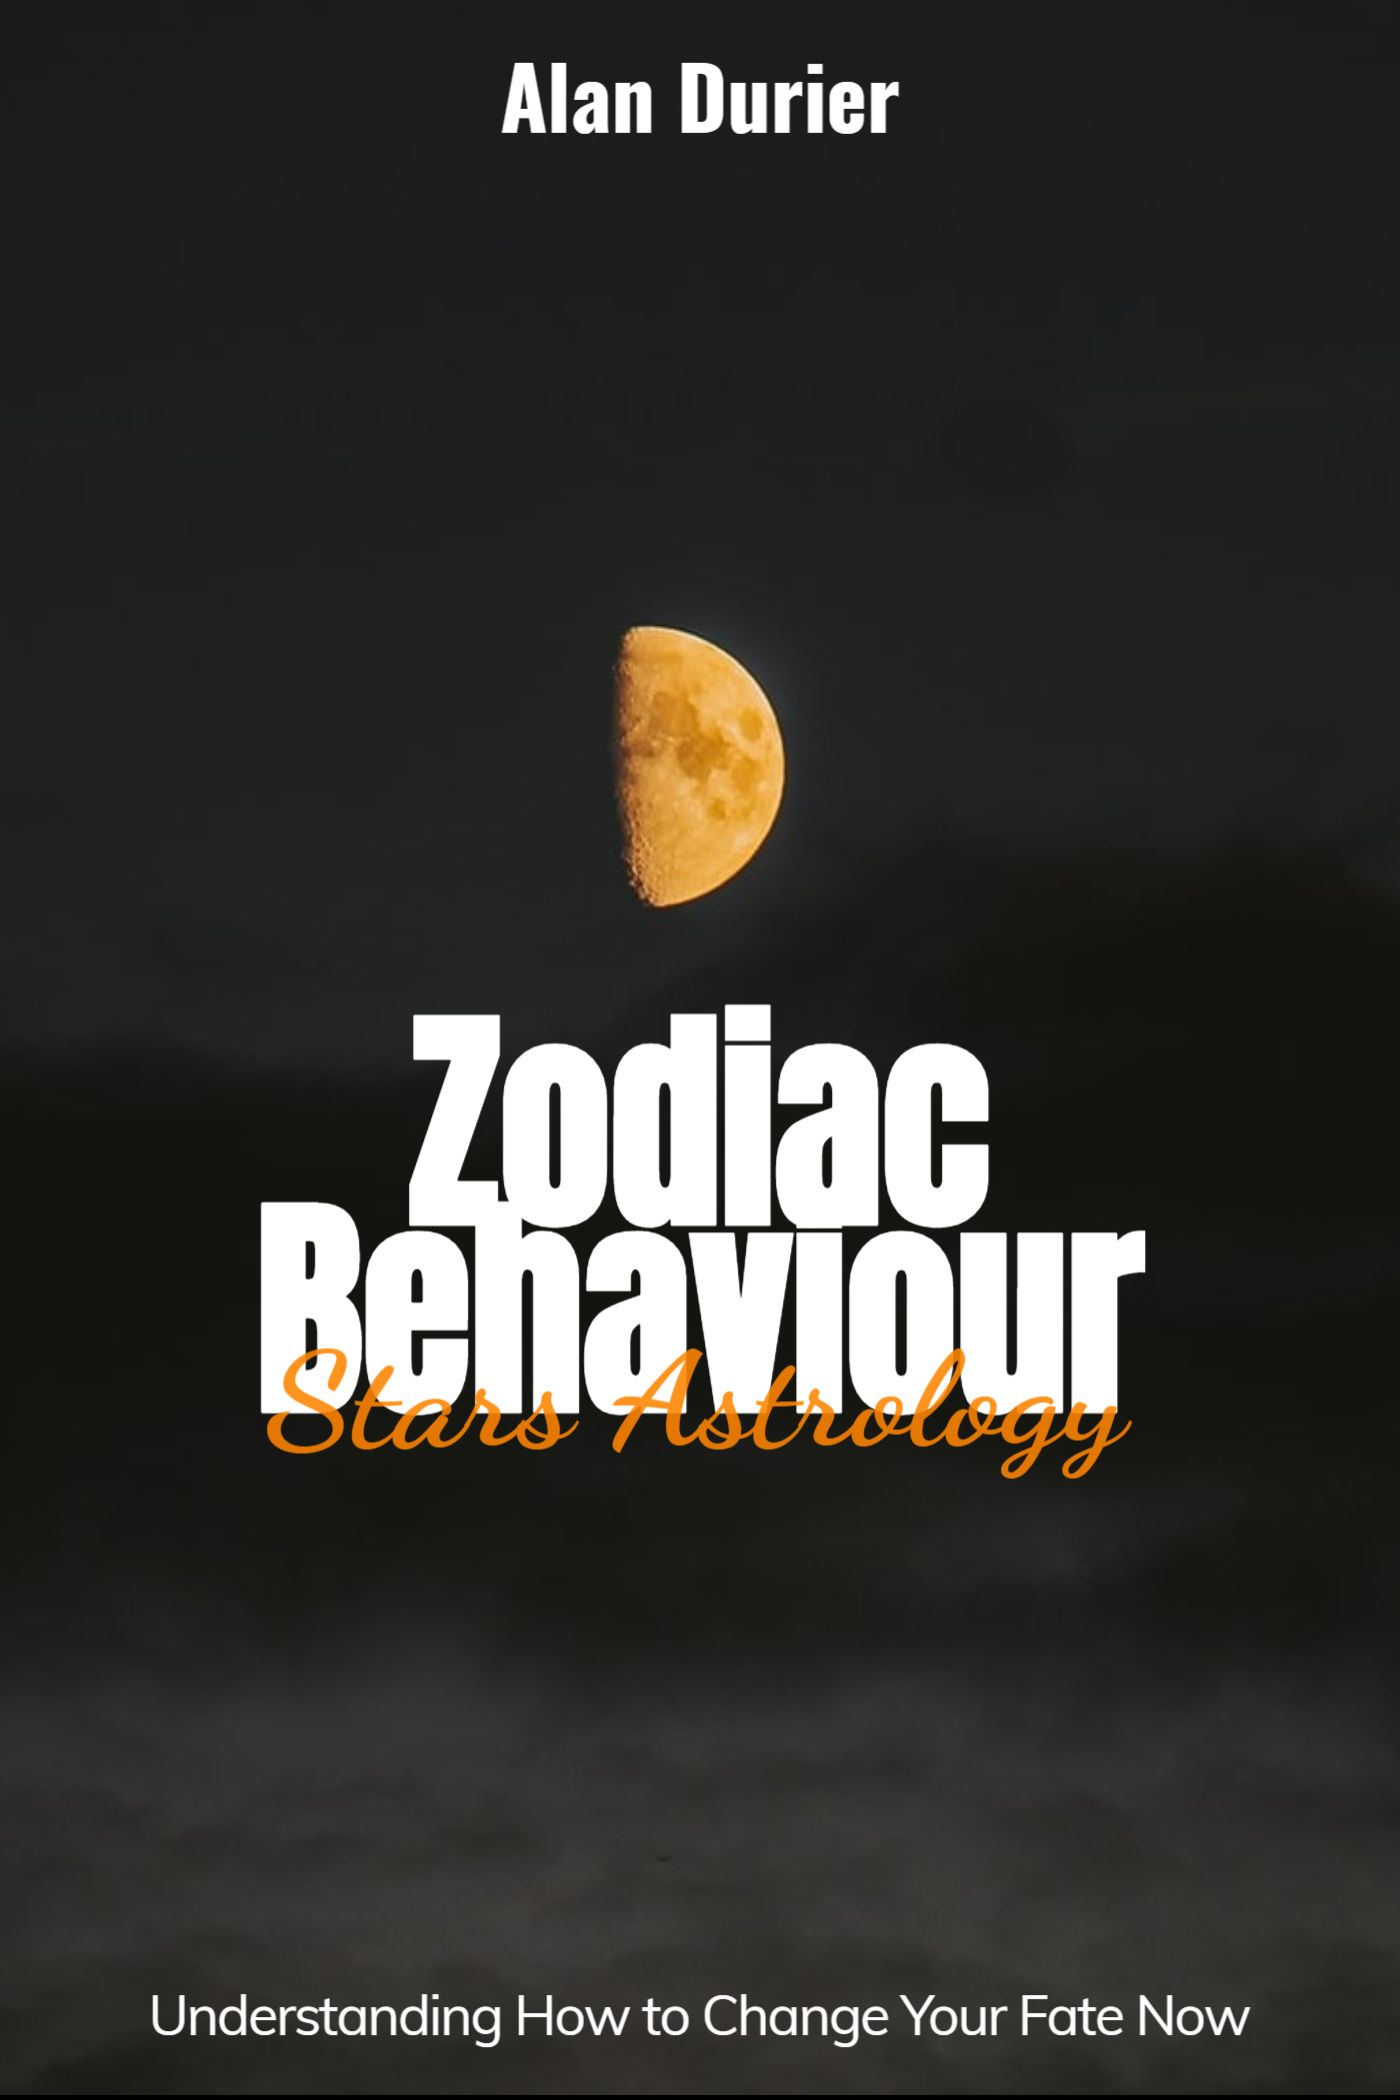 Zodiac Astronomy Spiritual Book Cover